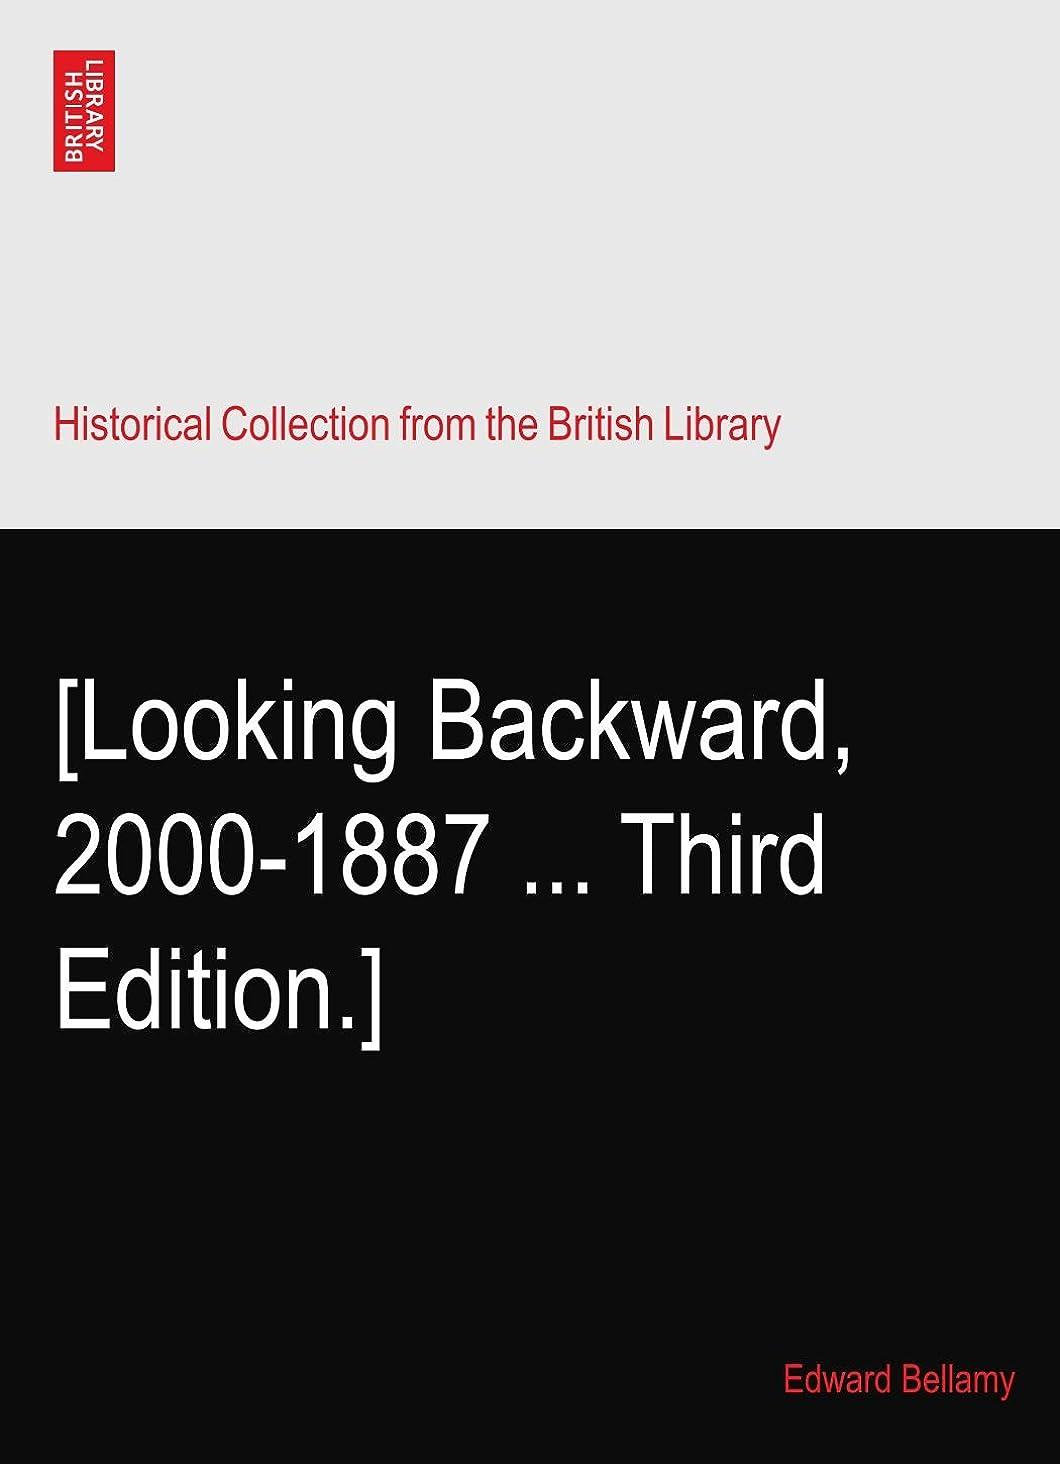 散歩キウイ序文[Looking Backward, 2000-1887 ... Third Edition.]